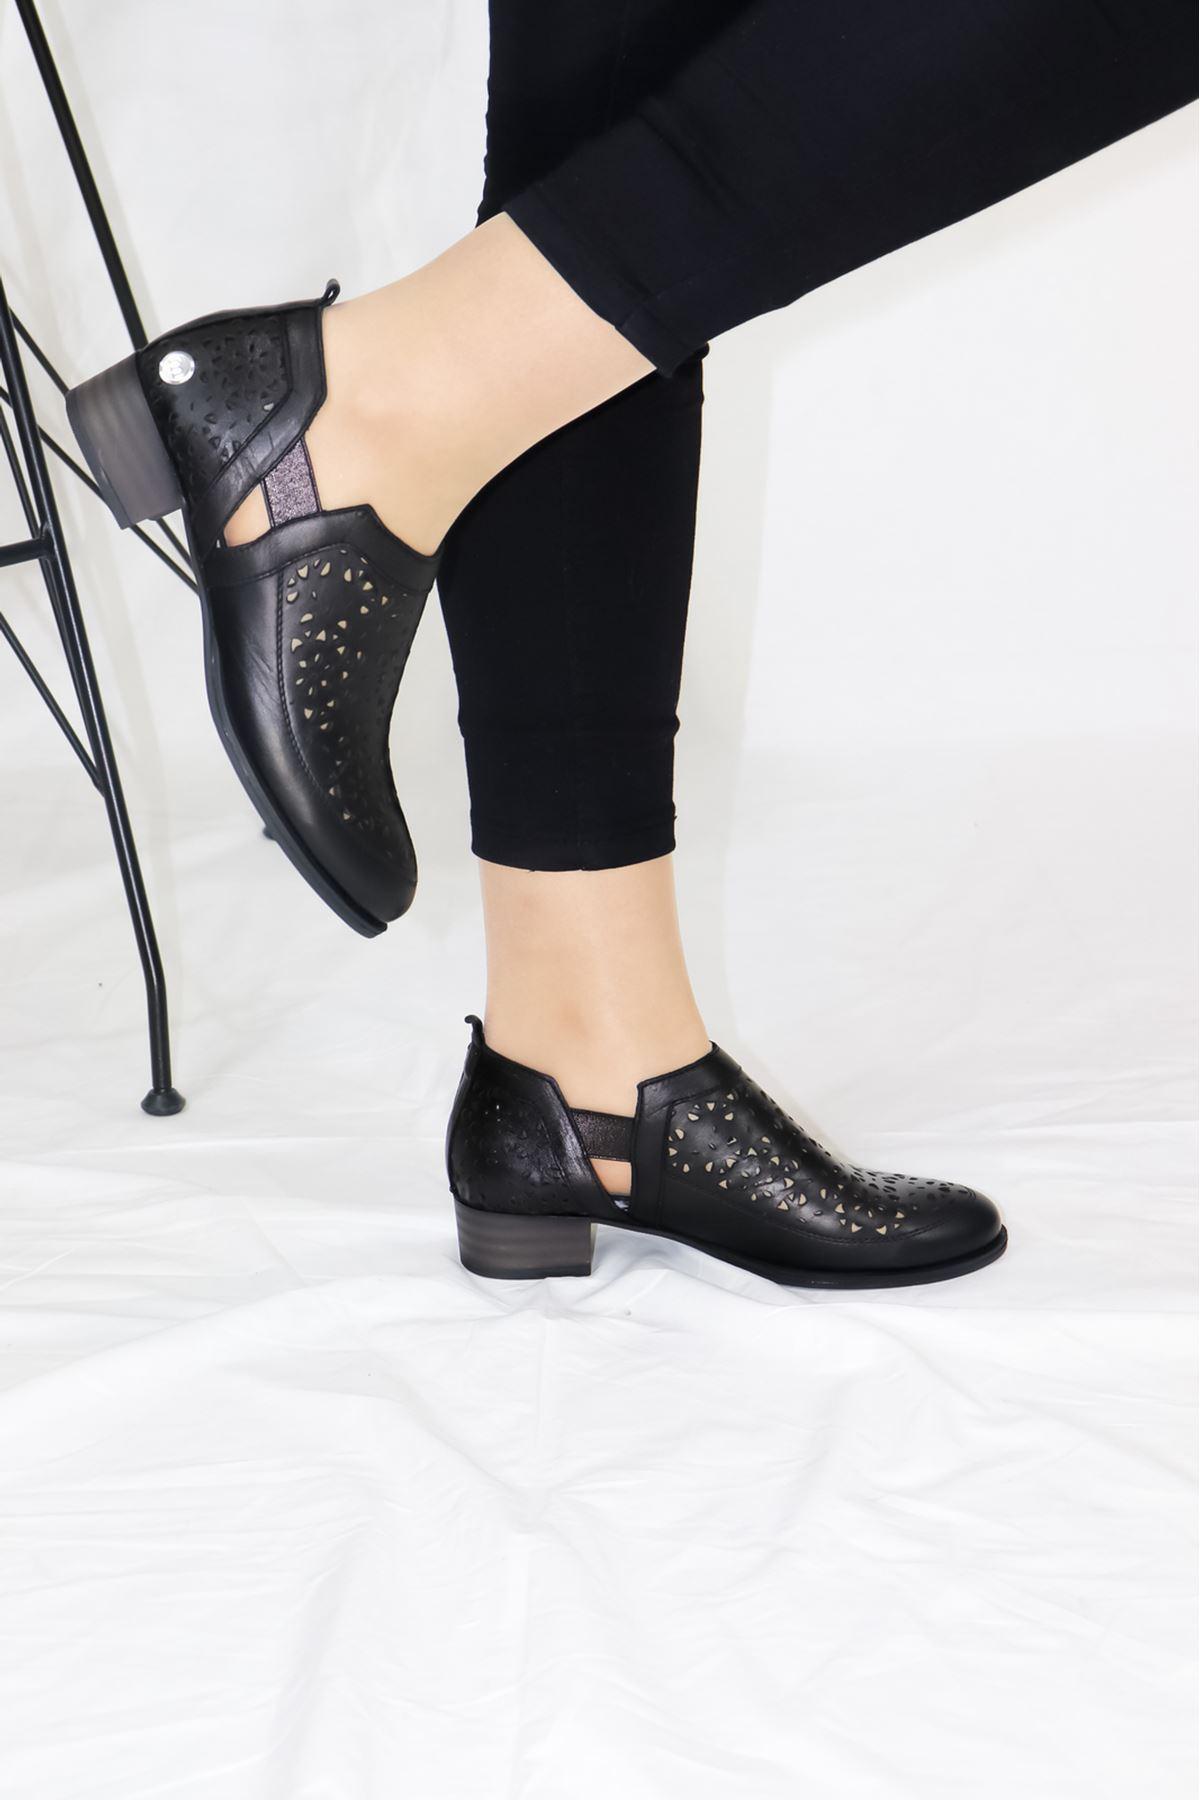 Mammamia - D21YA - 455-B Siyah Kadın Ayakkabısı